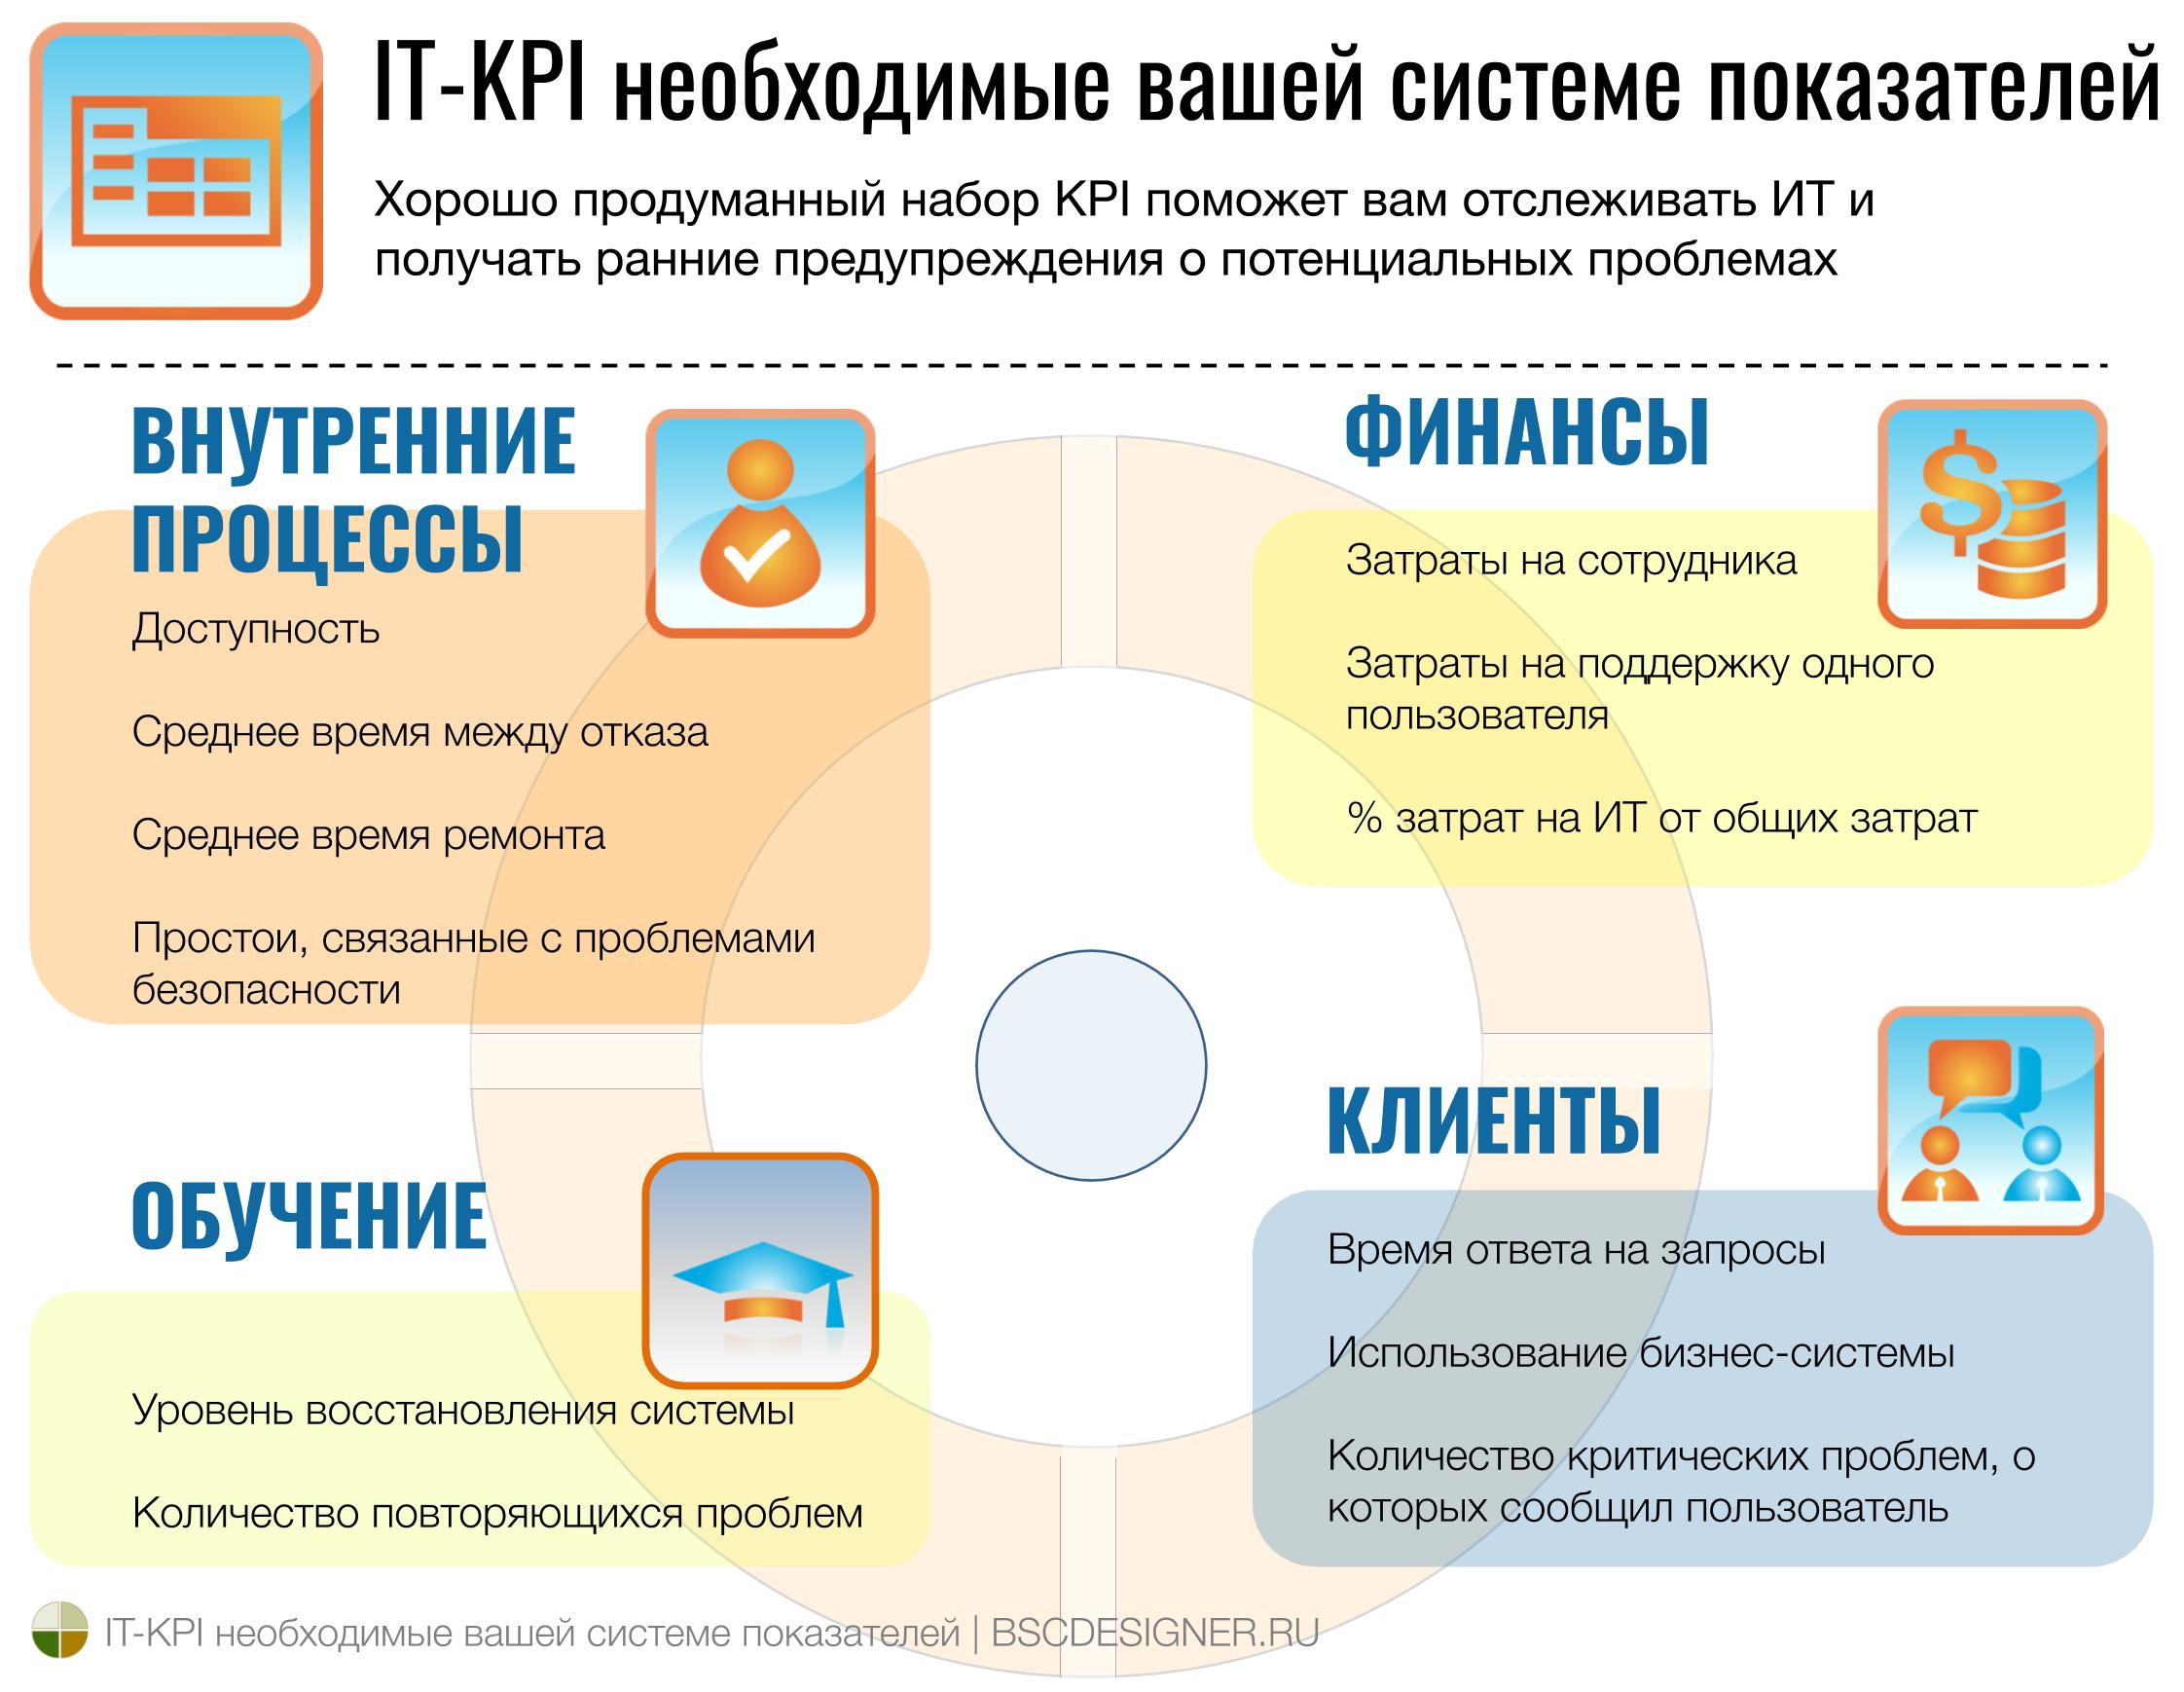 Основные KPI для измерения в ИТ